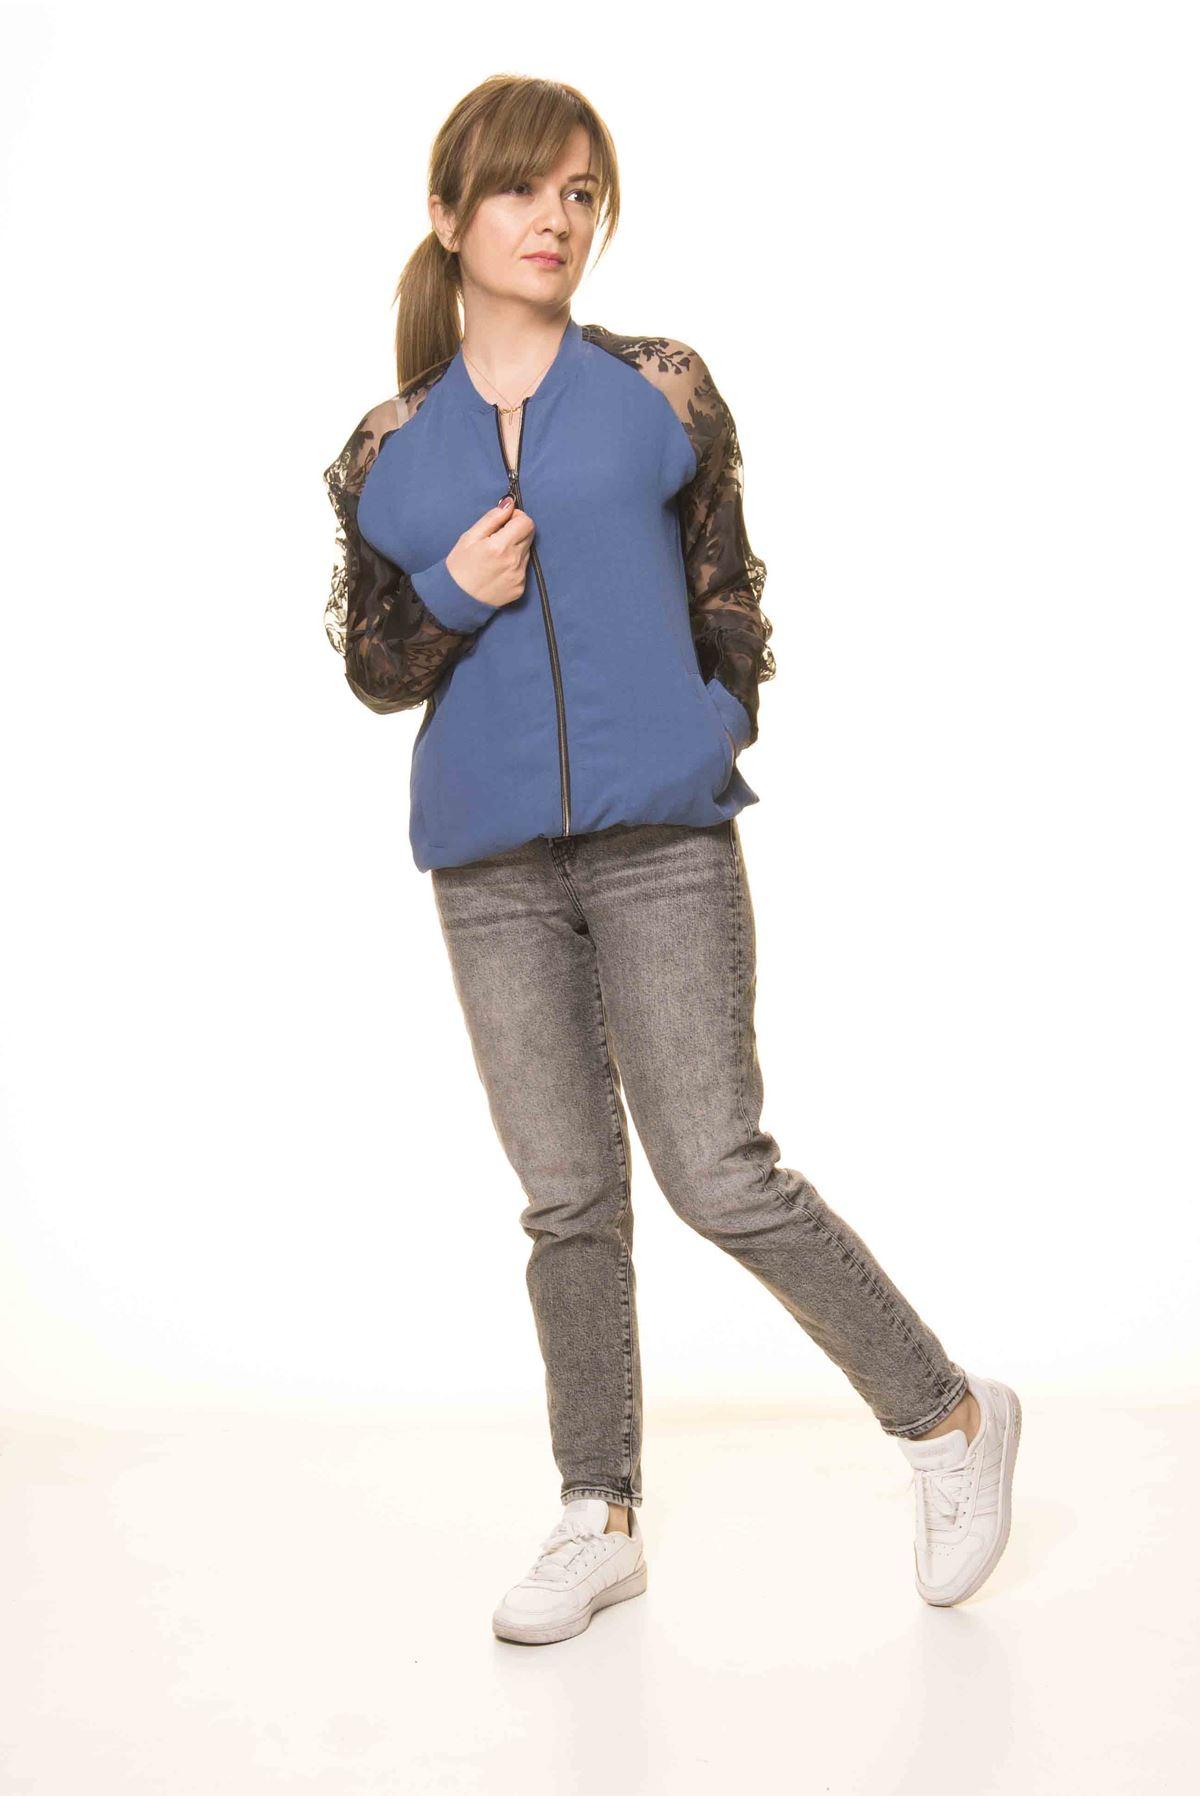 Kadın Mavi Siyah Tarz Tül Kol Spor İnce Mont  A1-3080